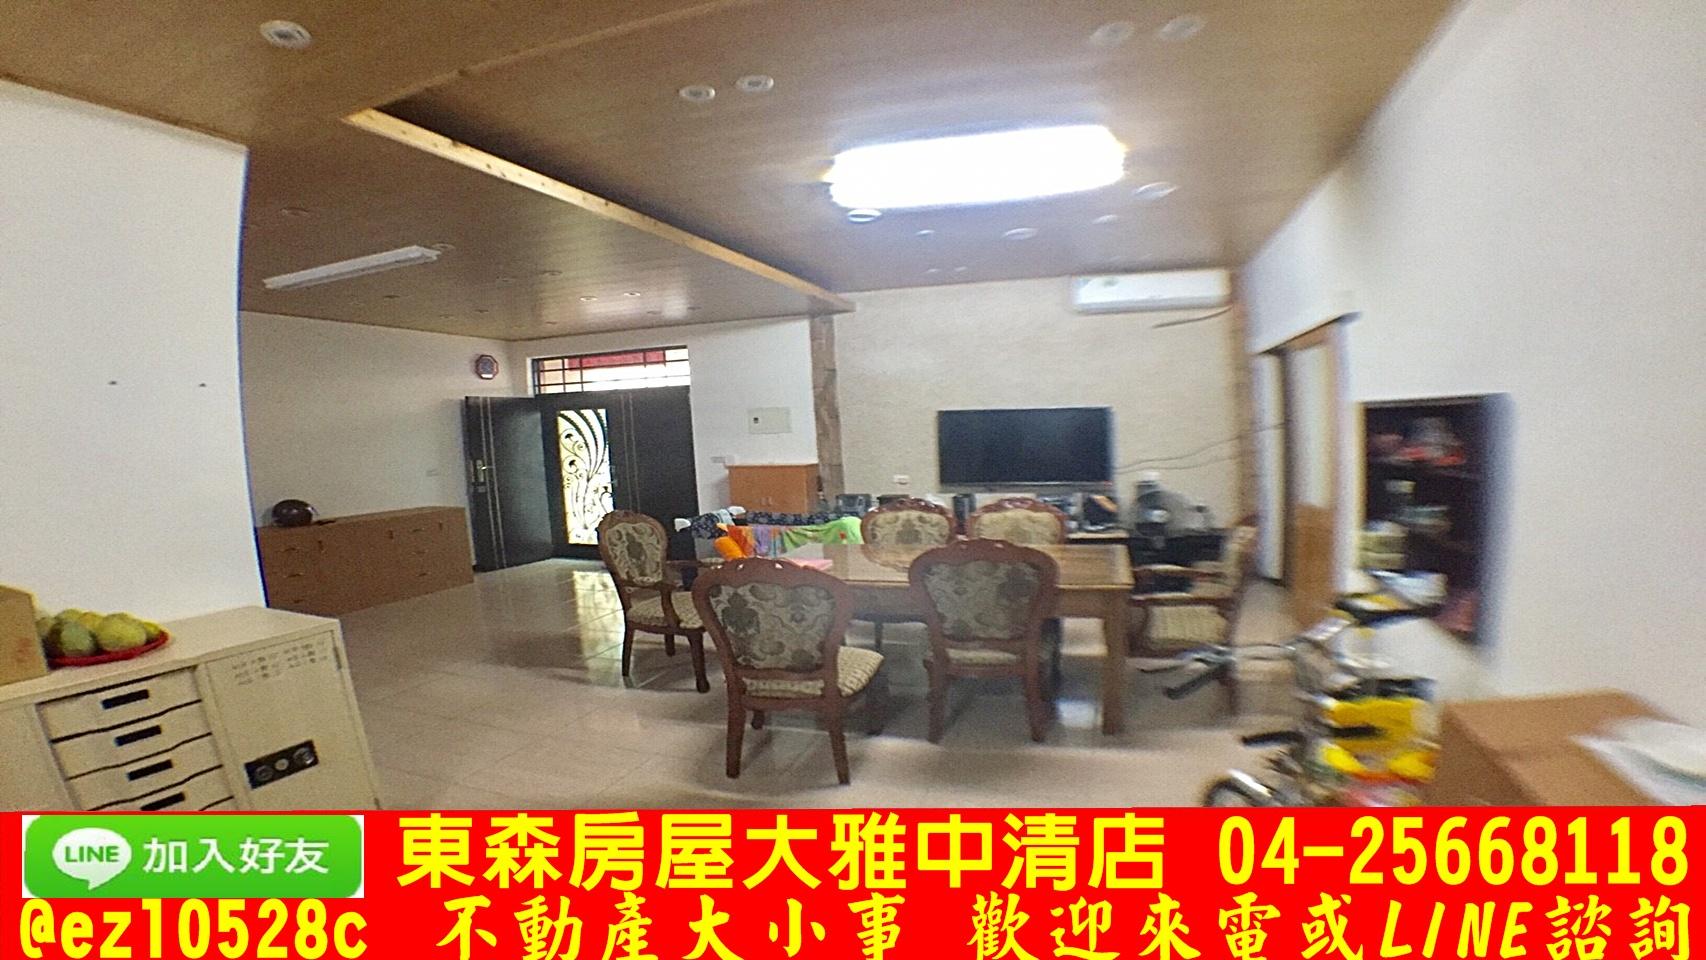 東森房屋大雅中清店-70坪大平房